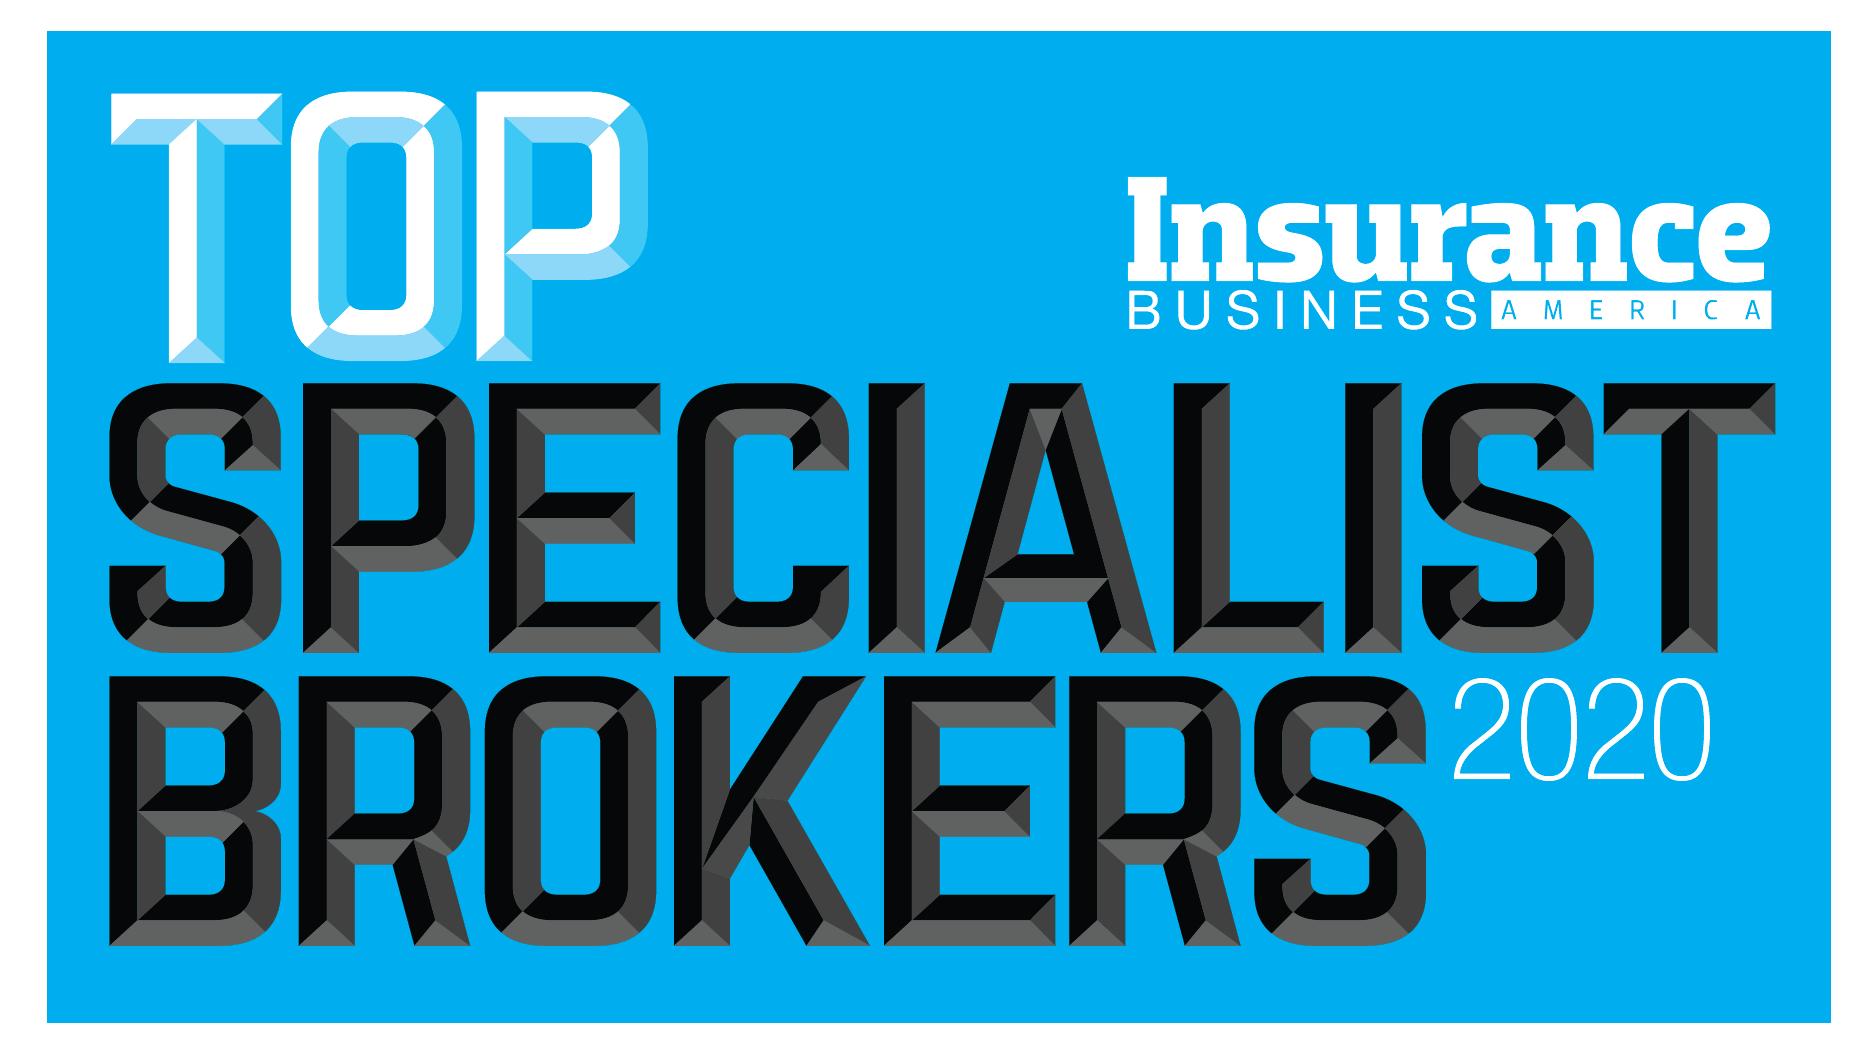 Top Specialist Brokers 2020